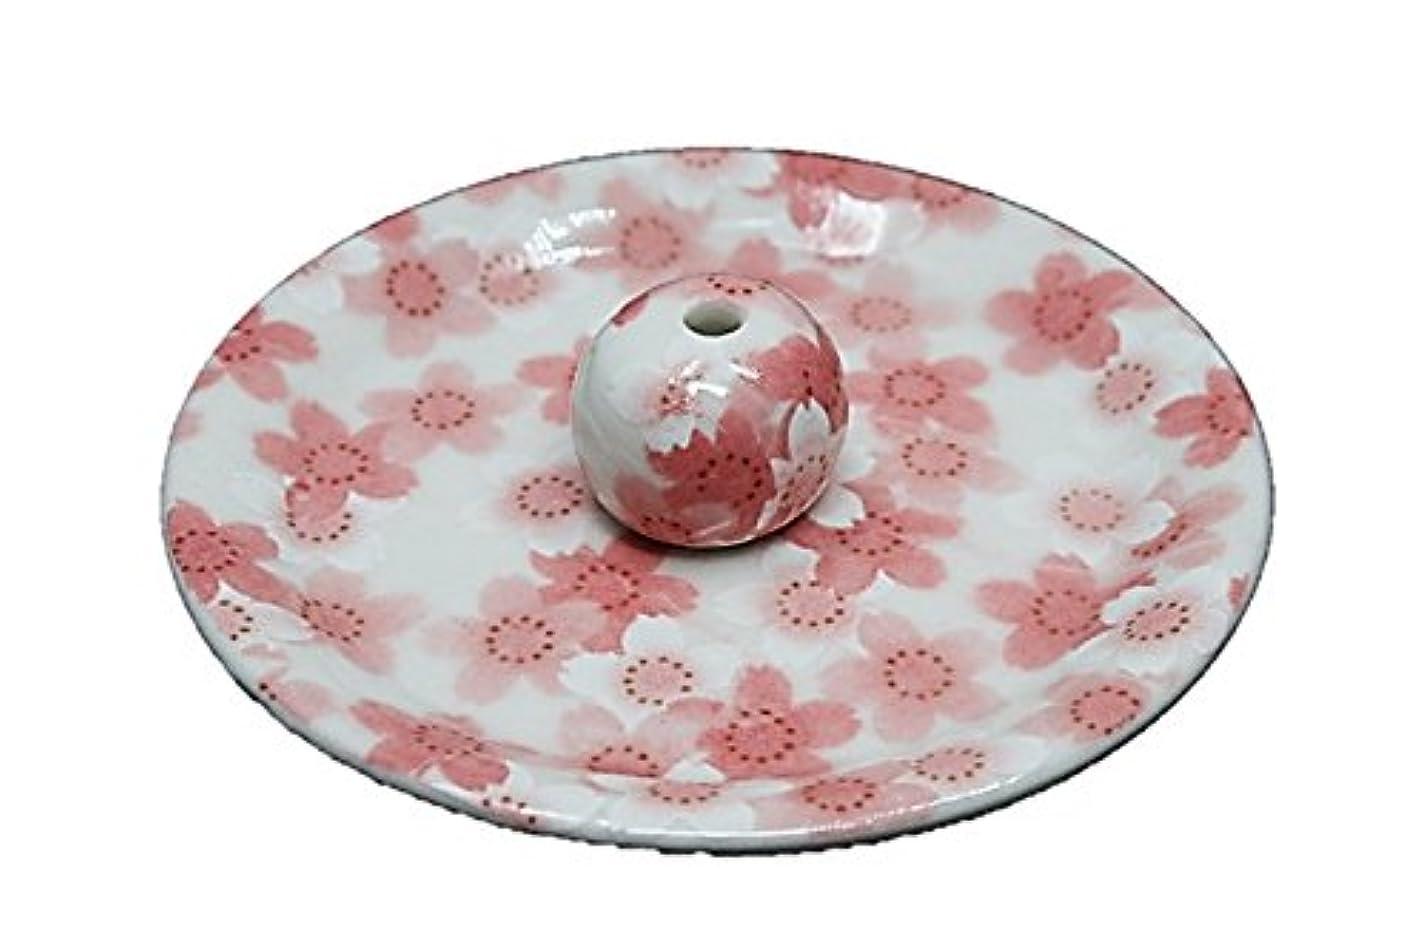 キャンパス再び警戒9-21 満開桜 9cm香皿 お香立て お香たて 陶器 日本製 製造?直売品